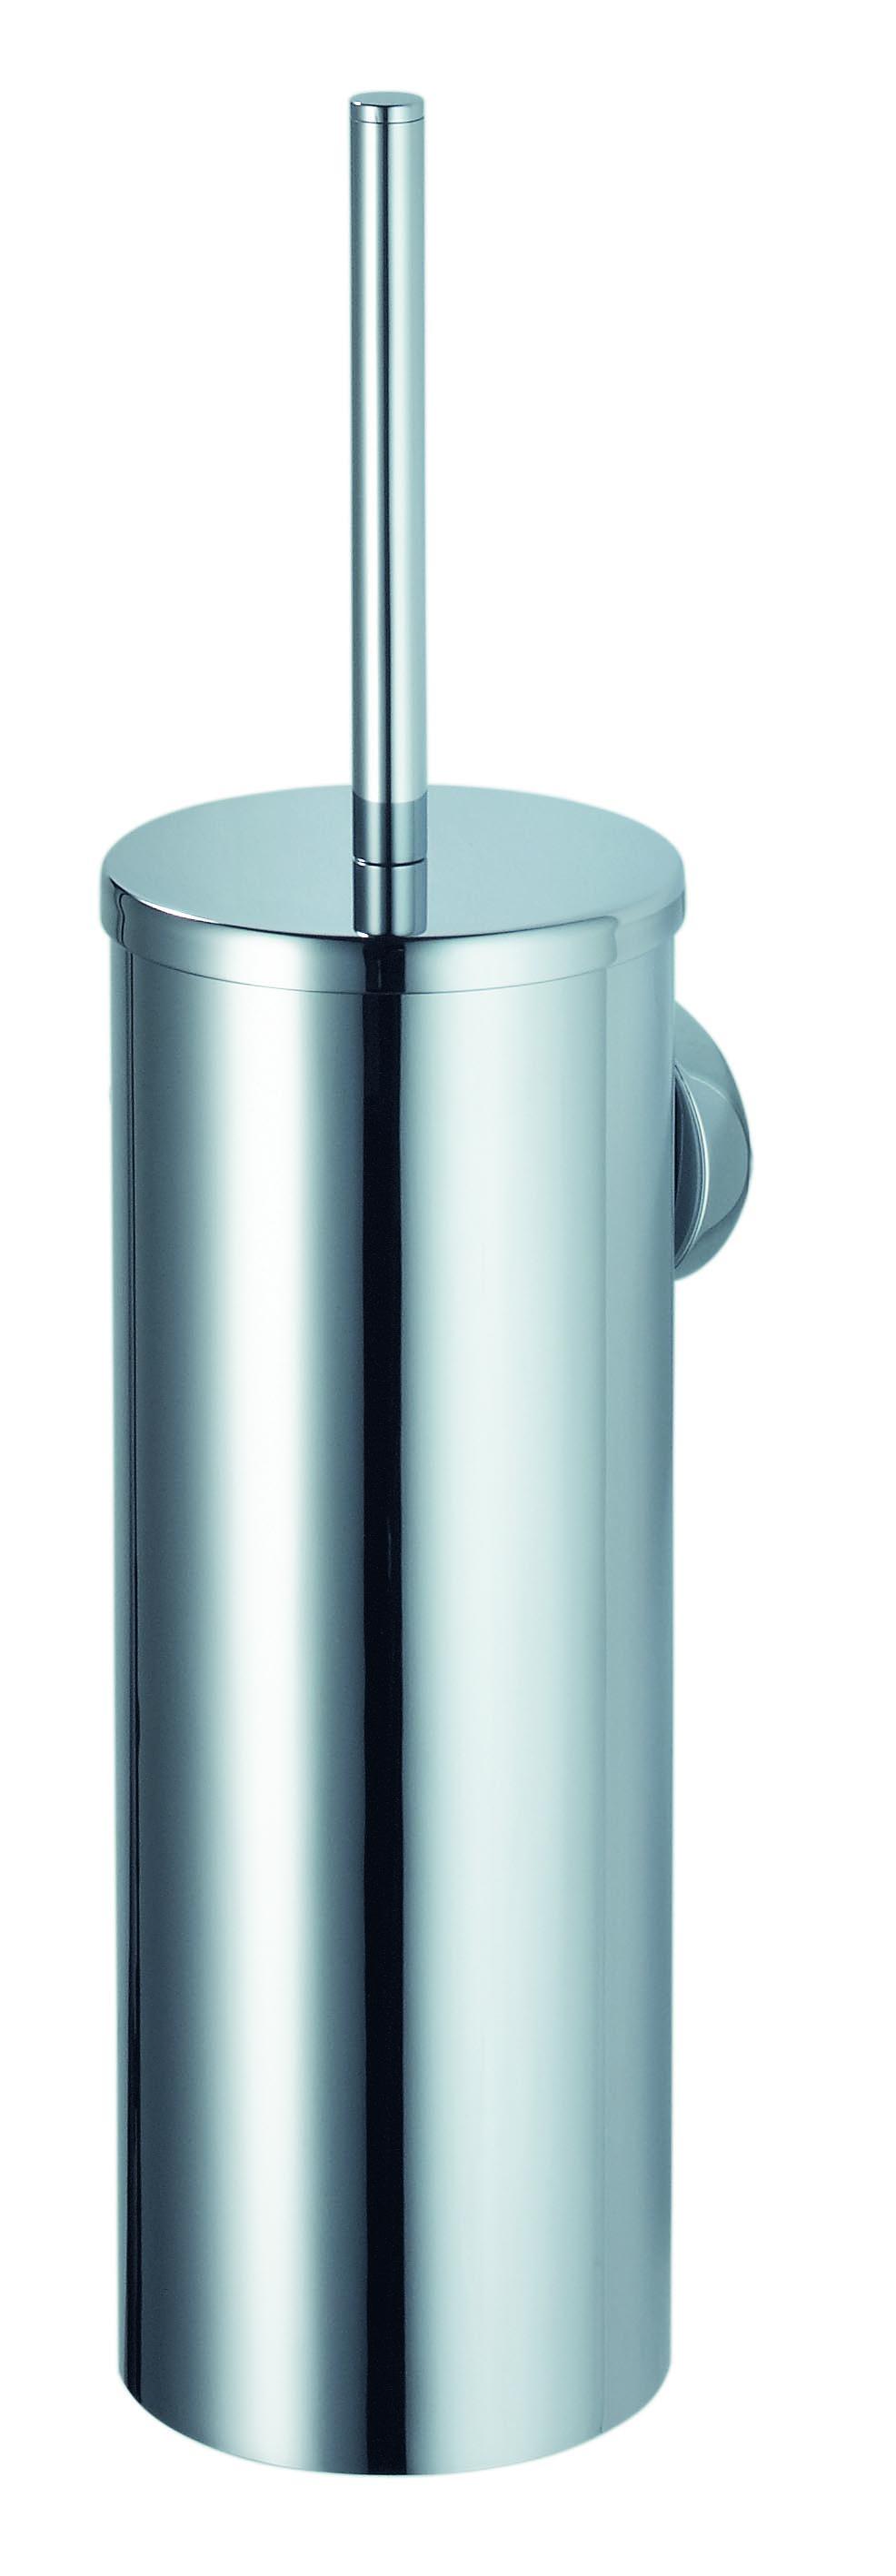 Accessoires | Toilet accessoires | Wc borstels